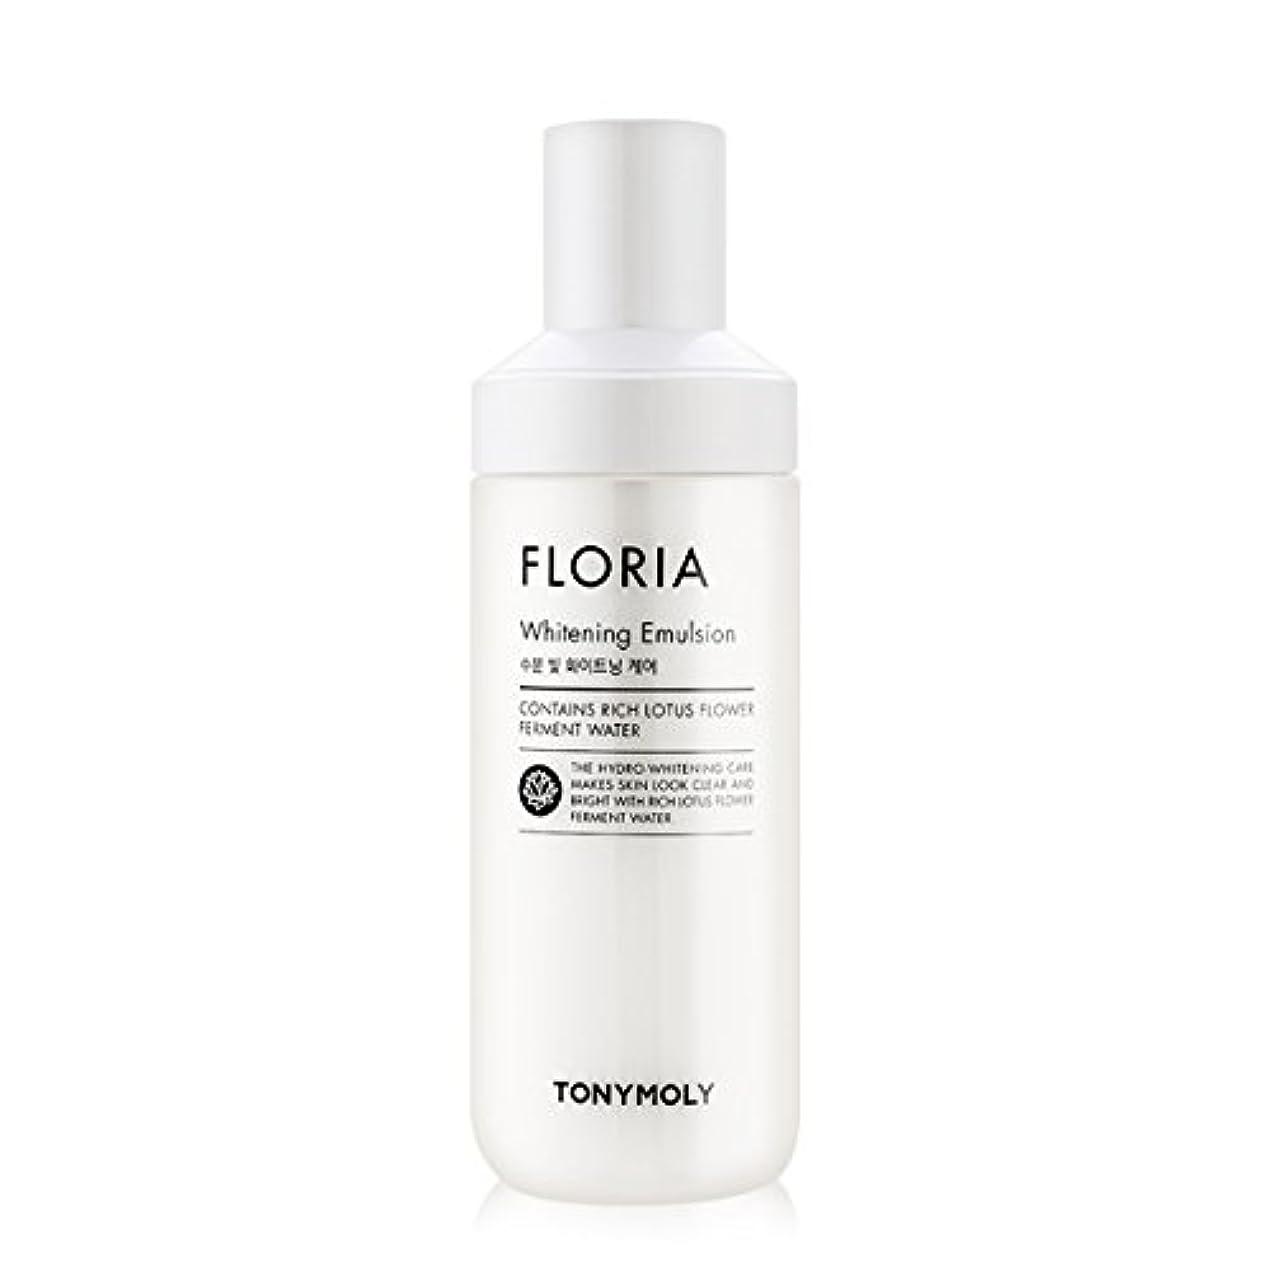 リフレッシュみなさん机[2016 New] TONYMOLY Floria Whitening Emulsion 160ml/トニーモリー フロリア ホワイトニング エマルジョン 160ml